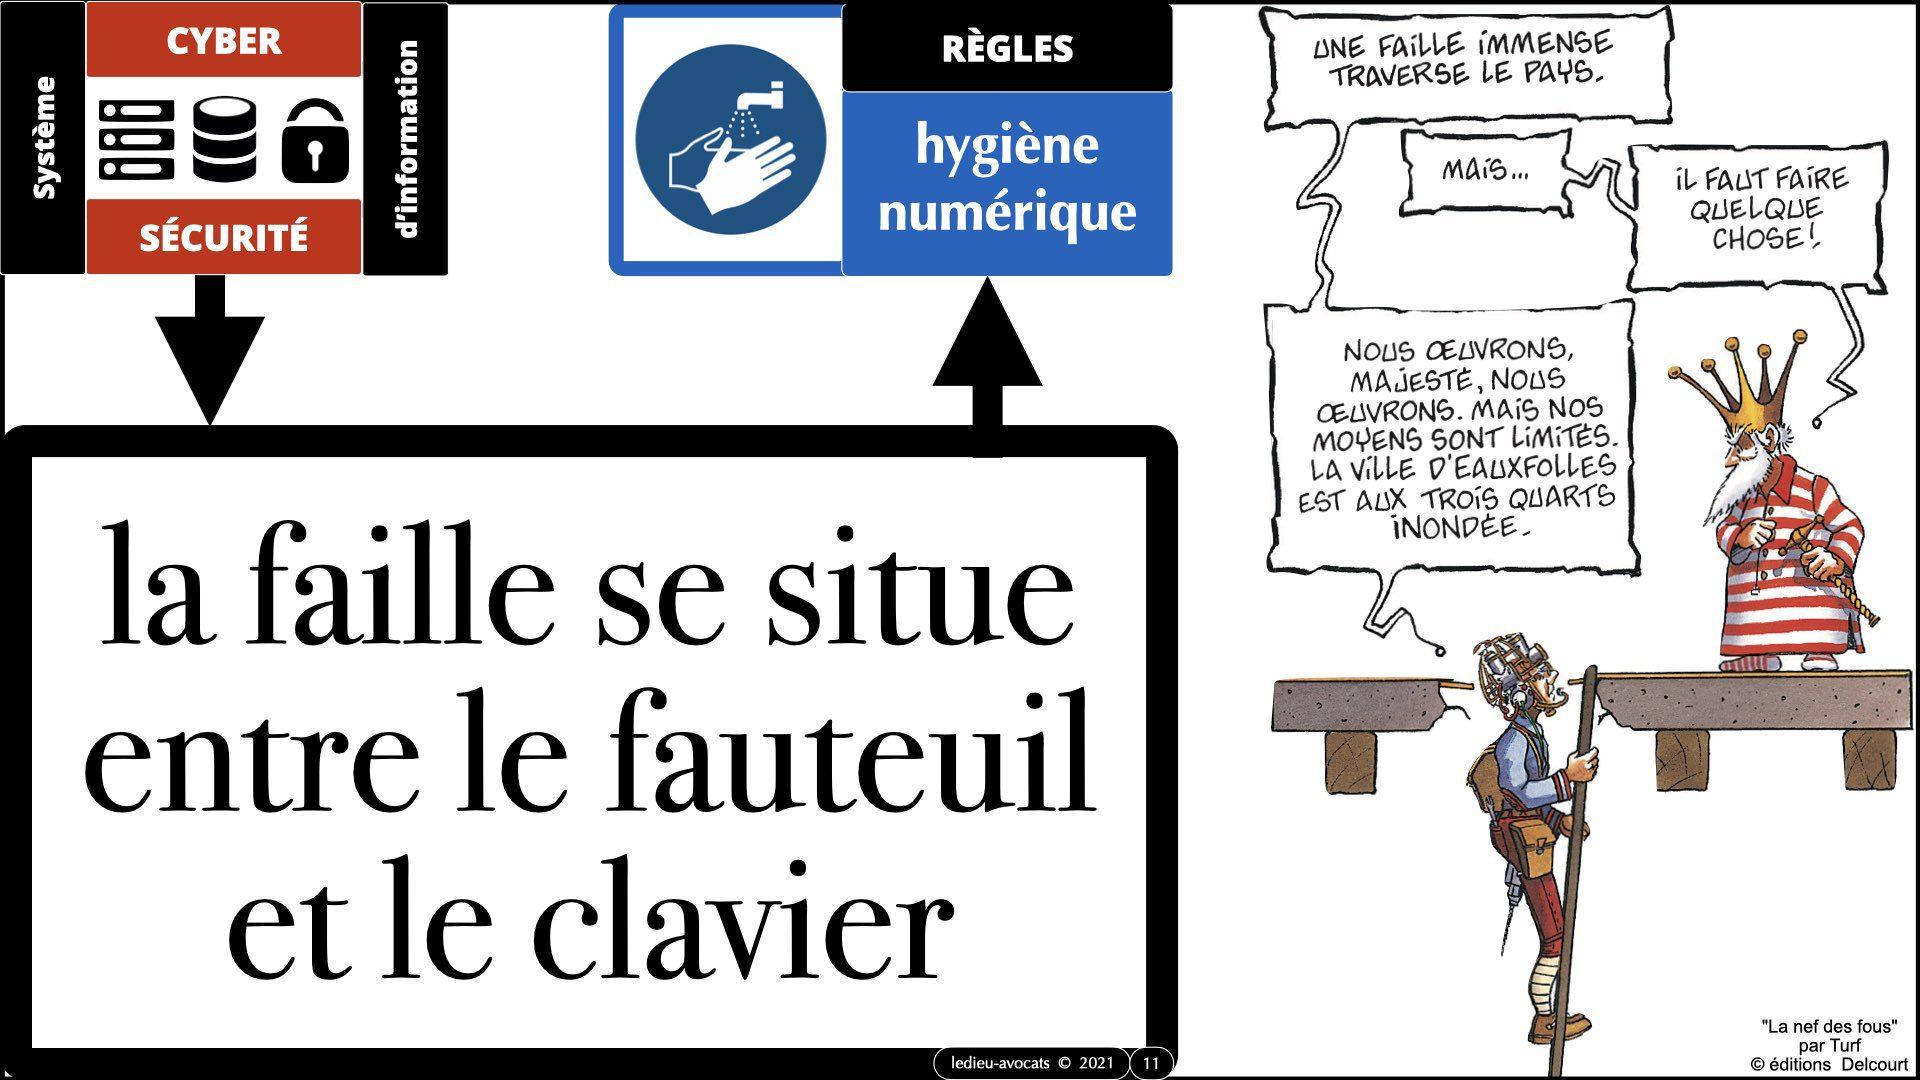 345 10 commandements hygiène numérique © Ledieu-Avocats technique droit numérique 07-09-2021.011